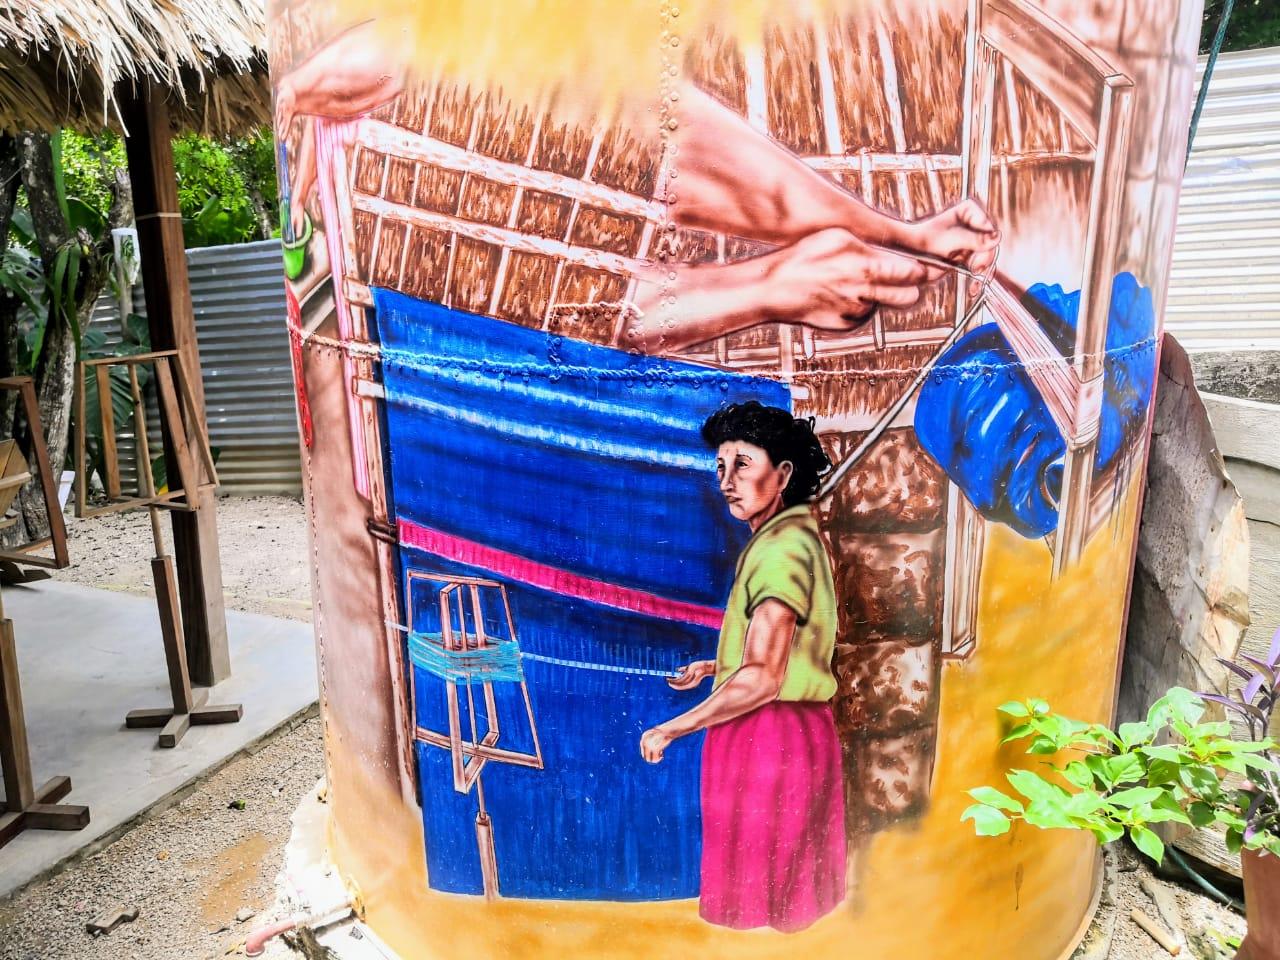 San Jacinto carece de acueducto, sus habitantes deben almacenar agua en tanques. El de la casa de Olivia Carmona es alusivo a la tejeduría.